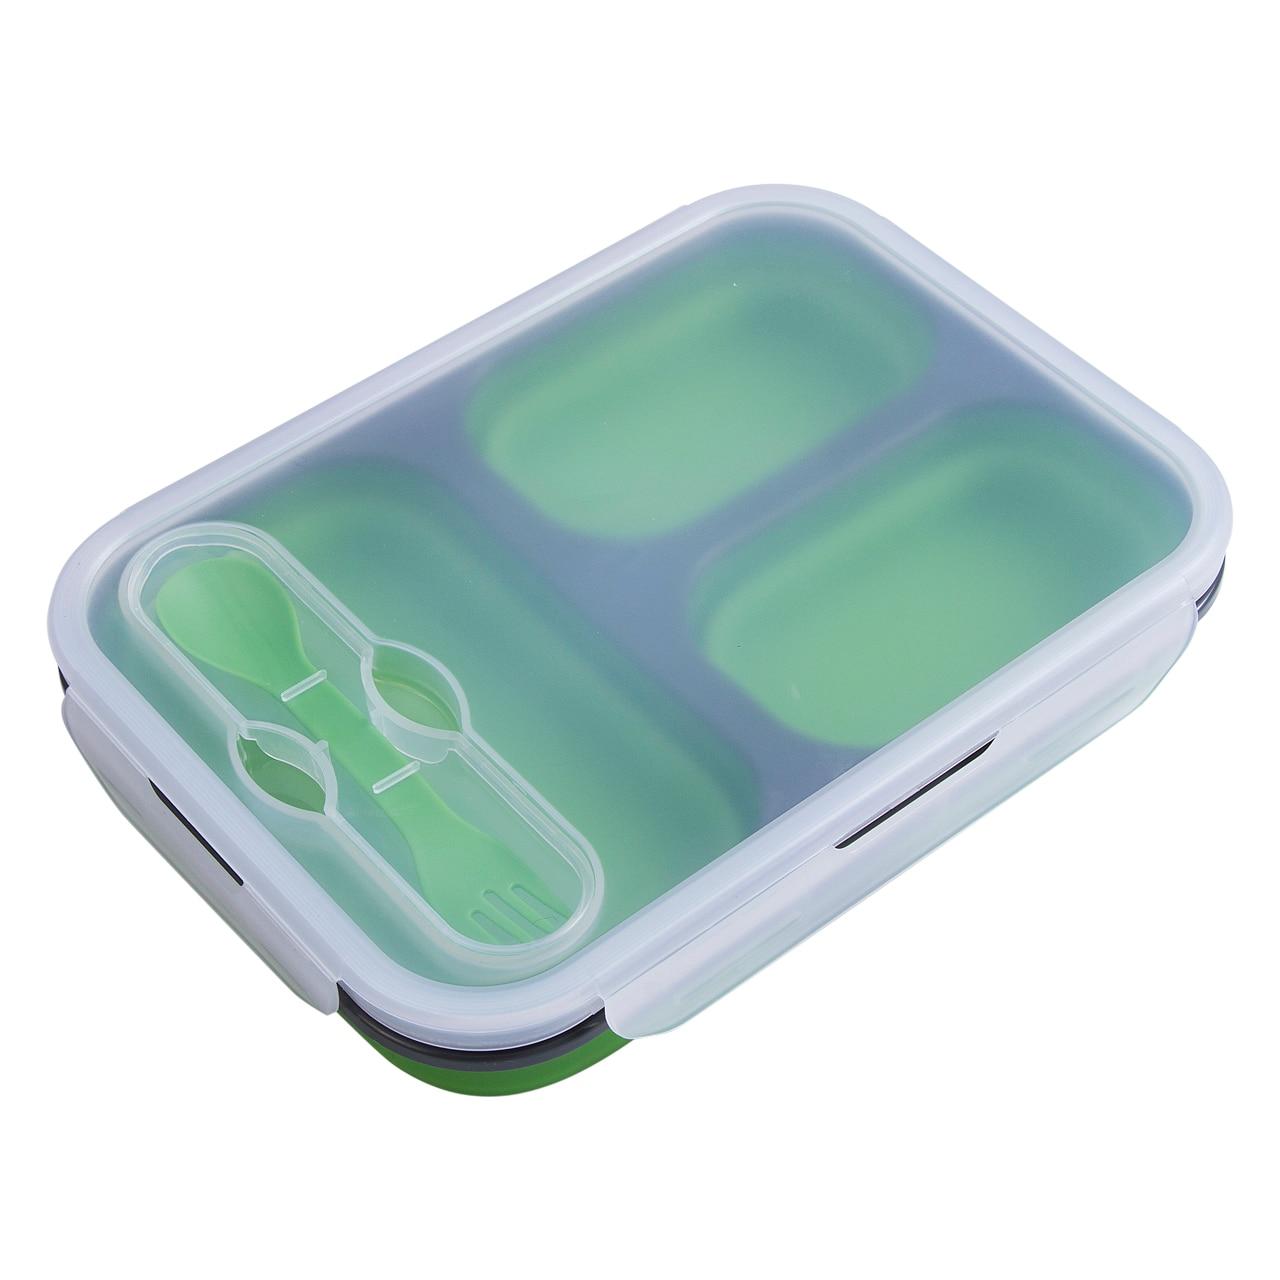 3596410bbacf Силиконовый складной Портативный Коробки для обедов большой Ёмкость чаша  Обед Bento box складной